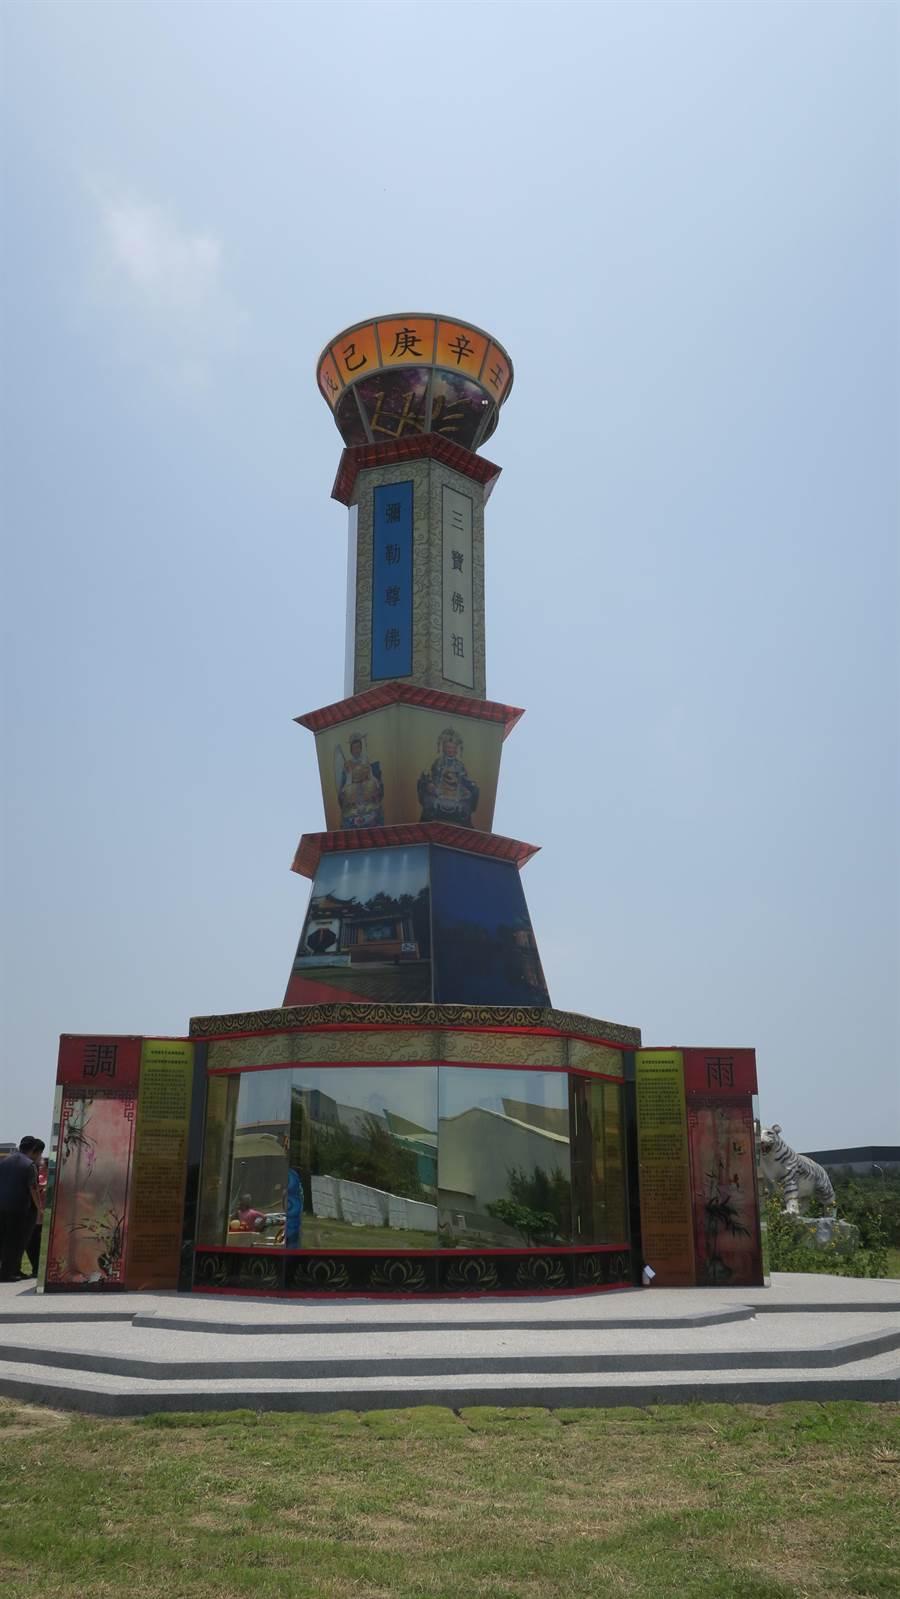 台灣玻璃館內的台灣通天柱。(謝瓊雲攝)